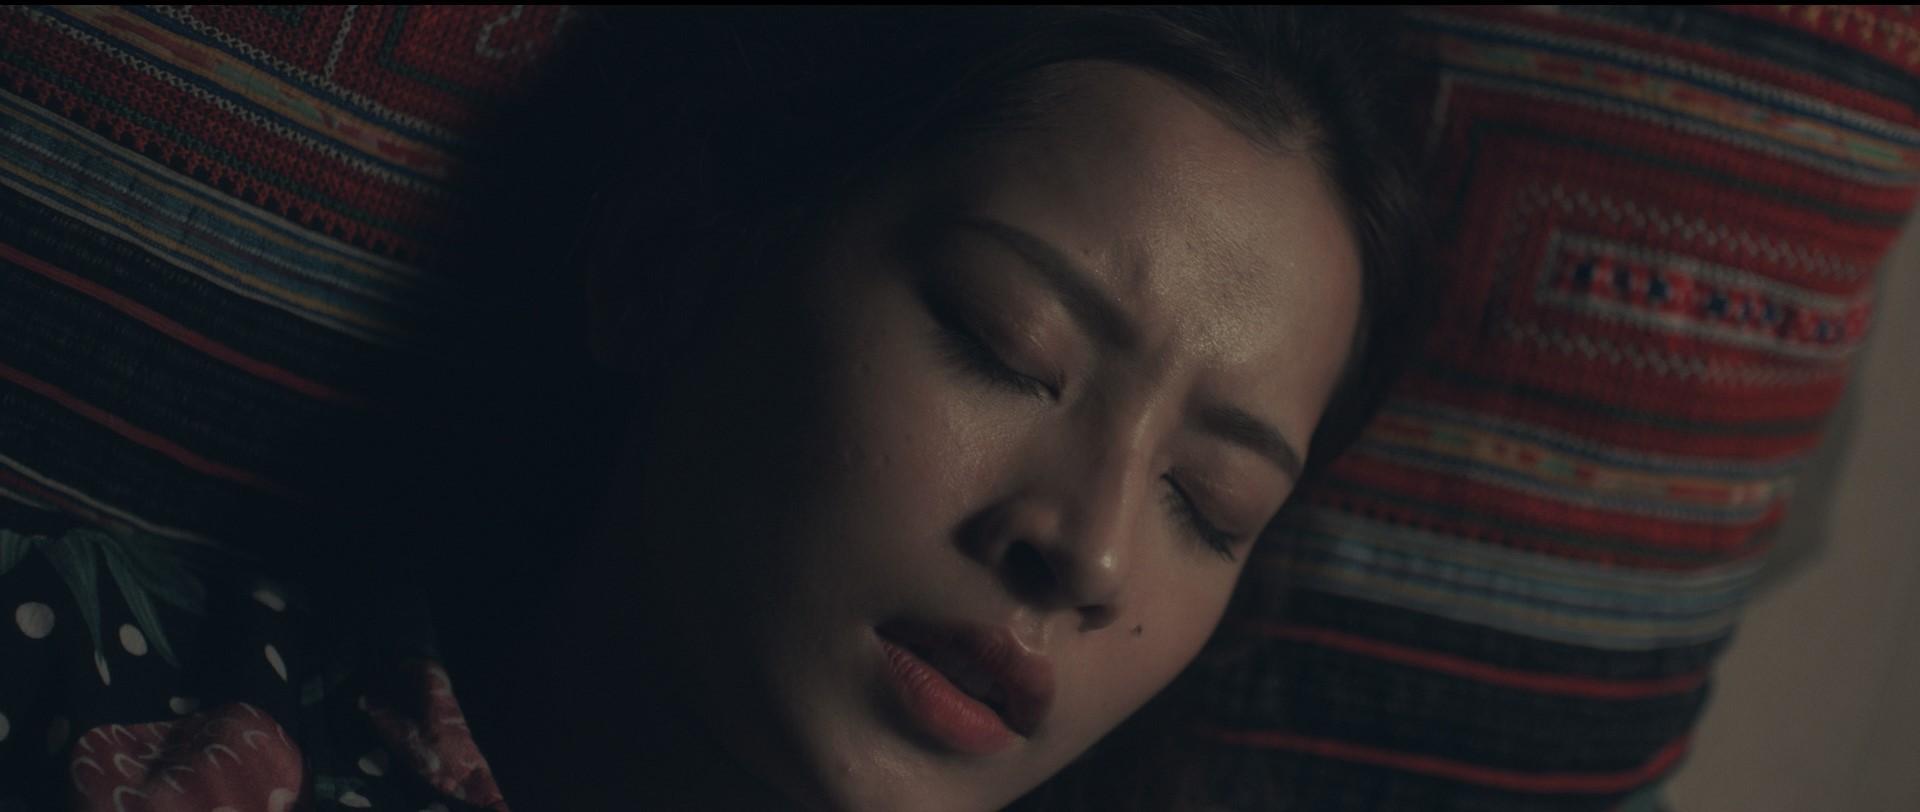 Không chỉ là cầu nối tâm linh trên phim, Chi Pu còn đưa luôn nữ thần mới Chae Yeon về Việt Nam